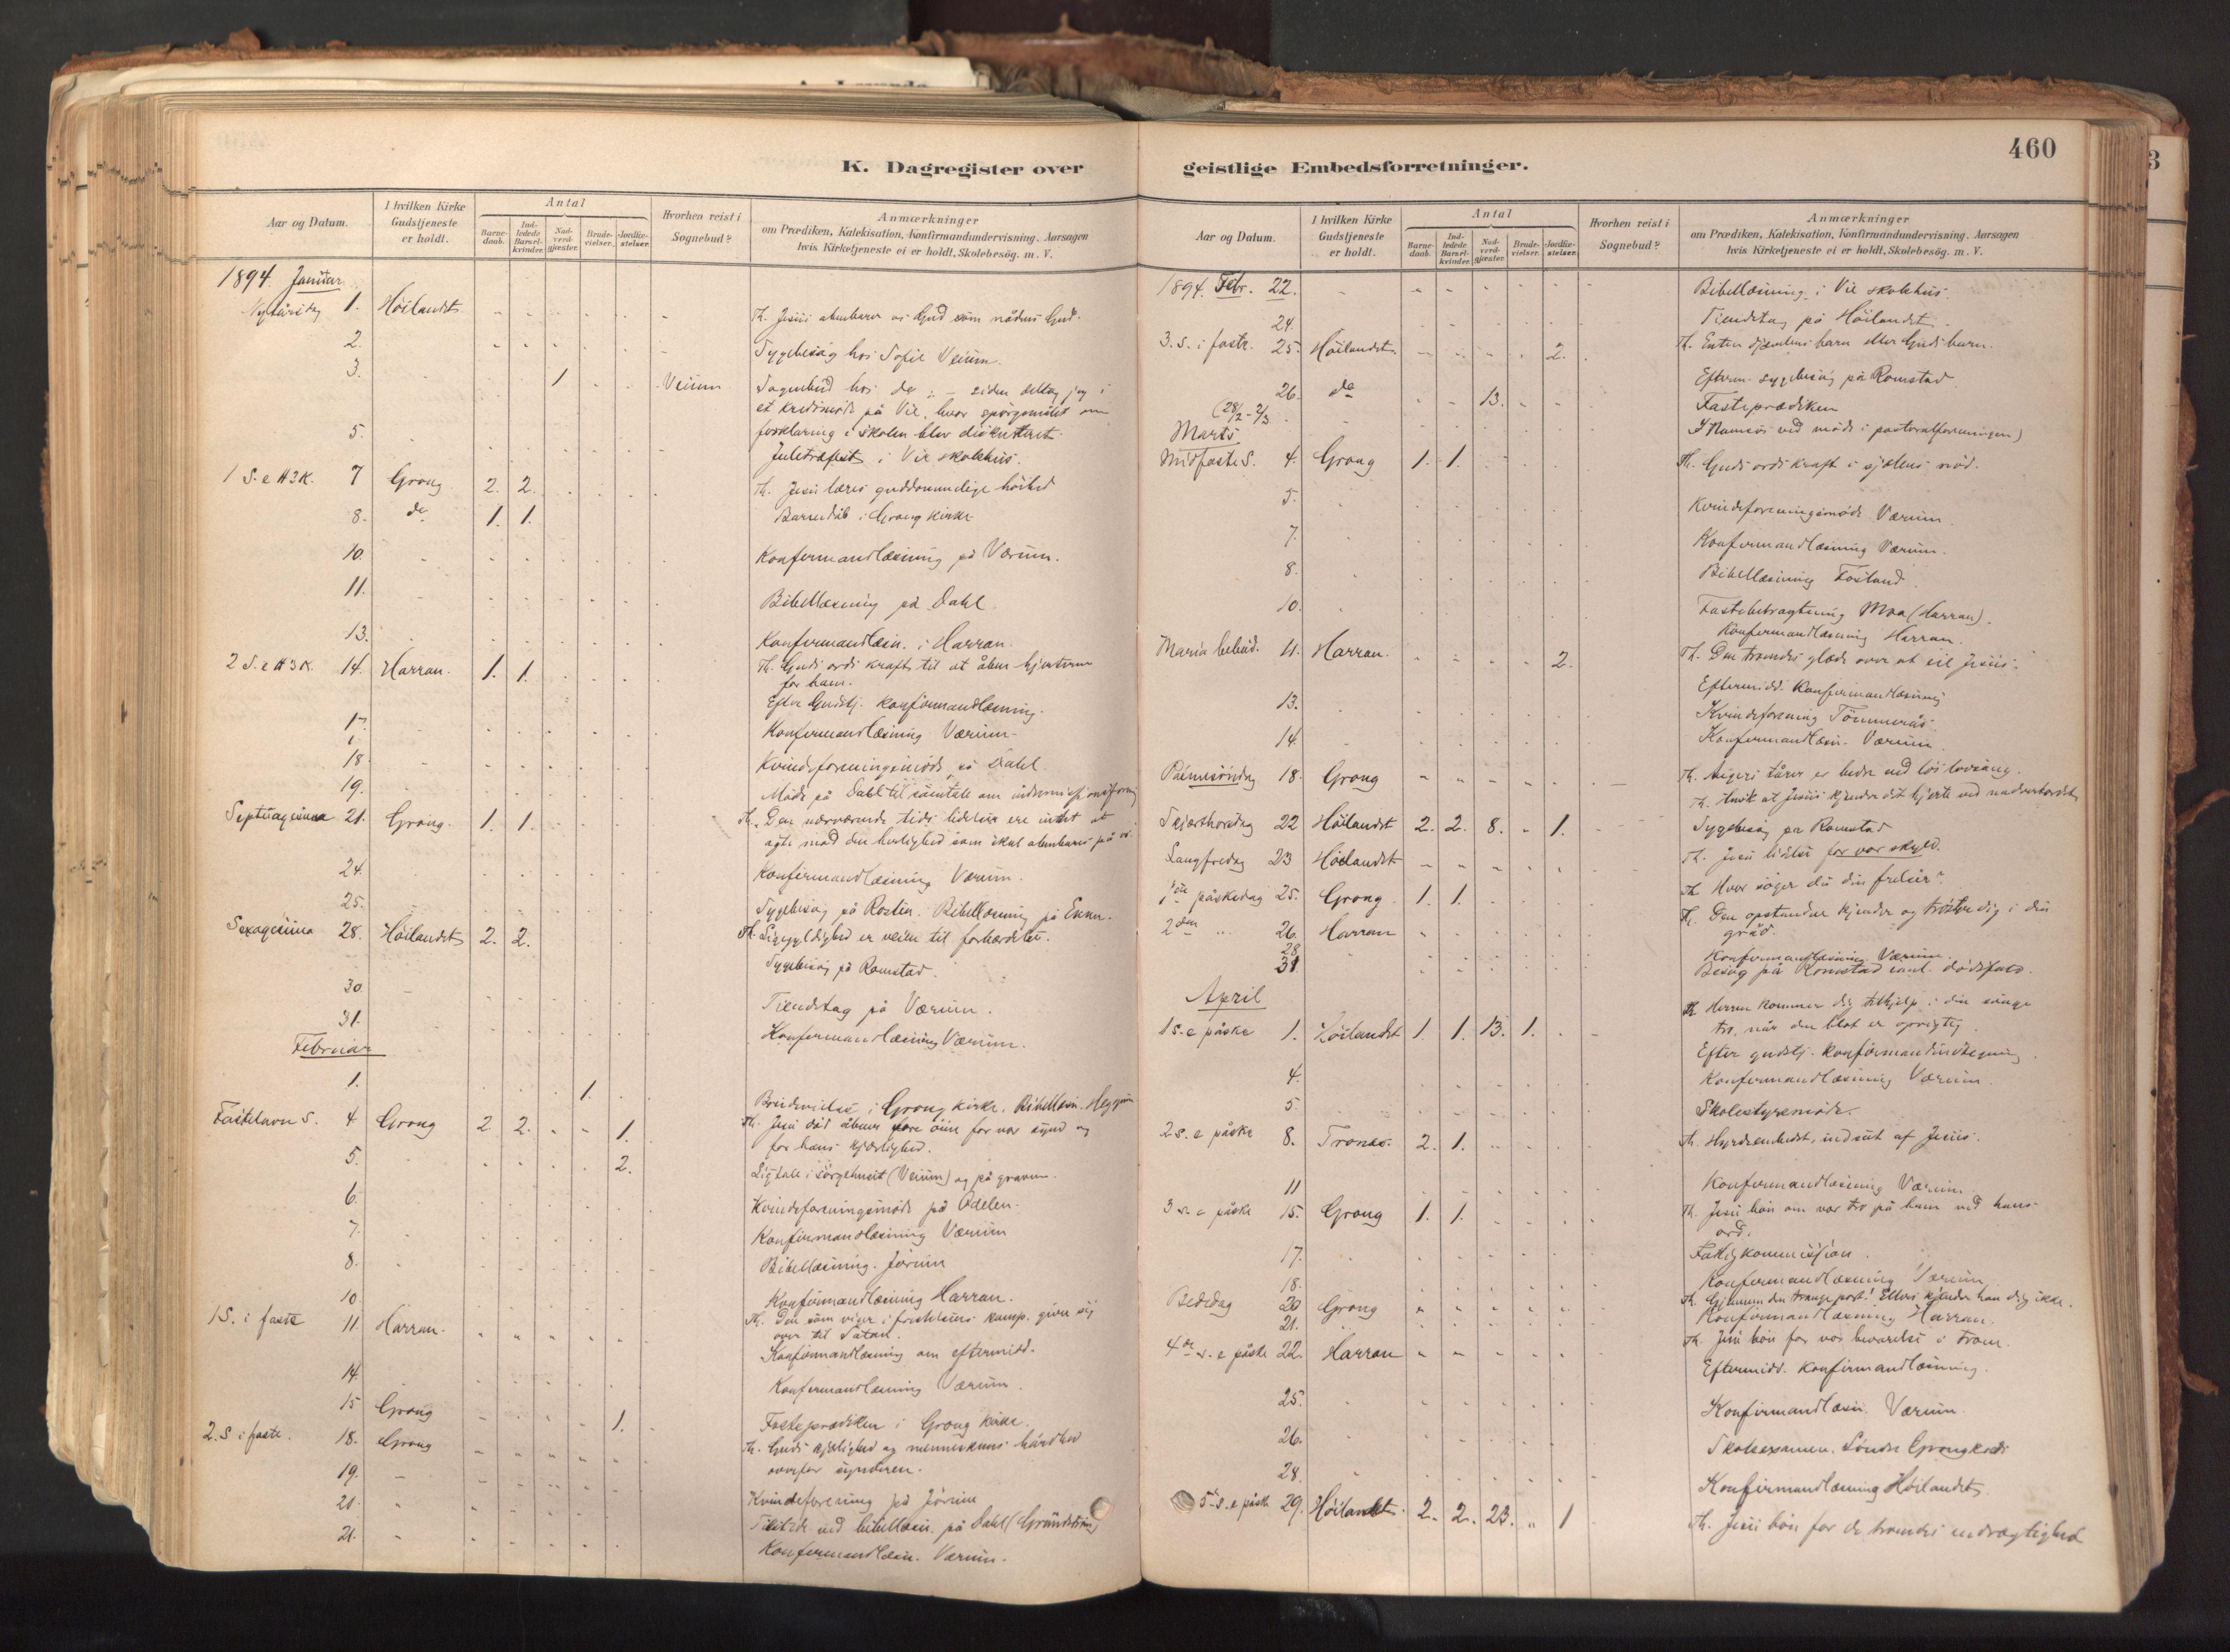 SAT, Ministerialprotokoller, klokkerbøker og fødselsregistre - Nord-Trøndelag, 758/L0519: Ministerialbok nr. 758A04, 1880-1926, s. 460